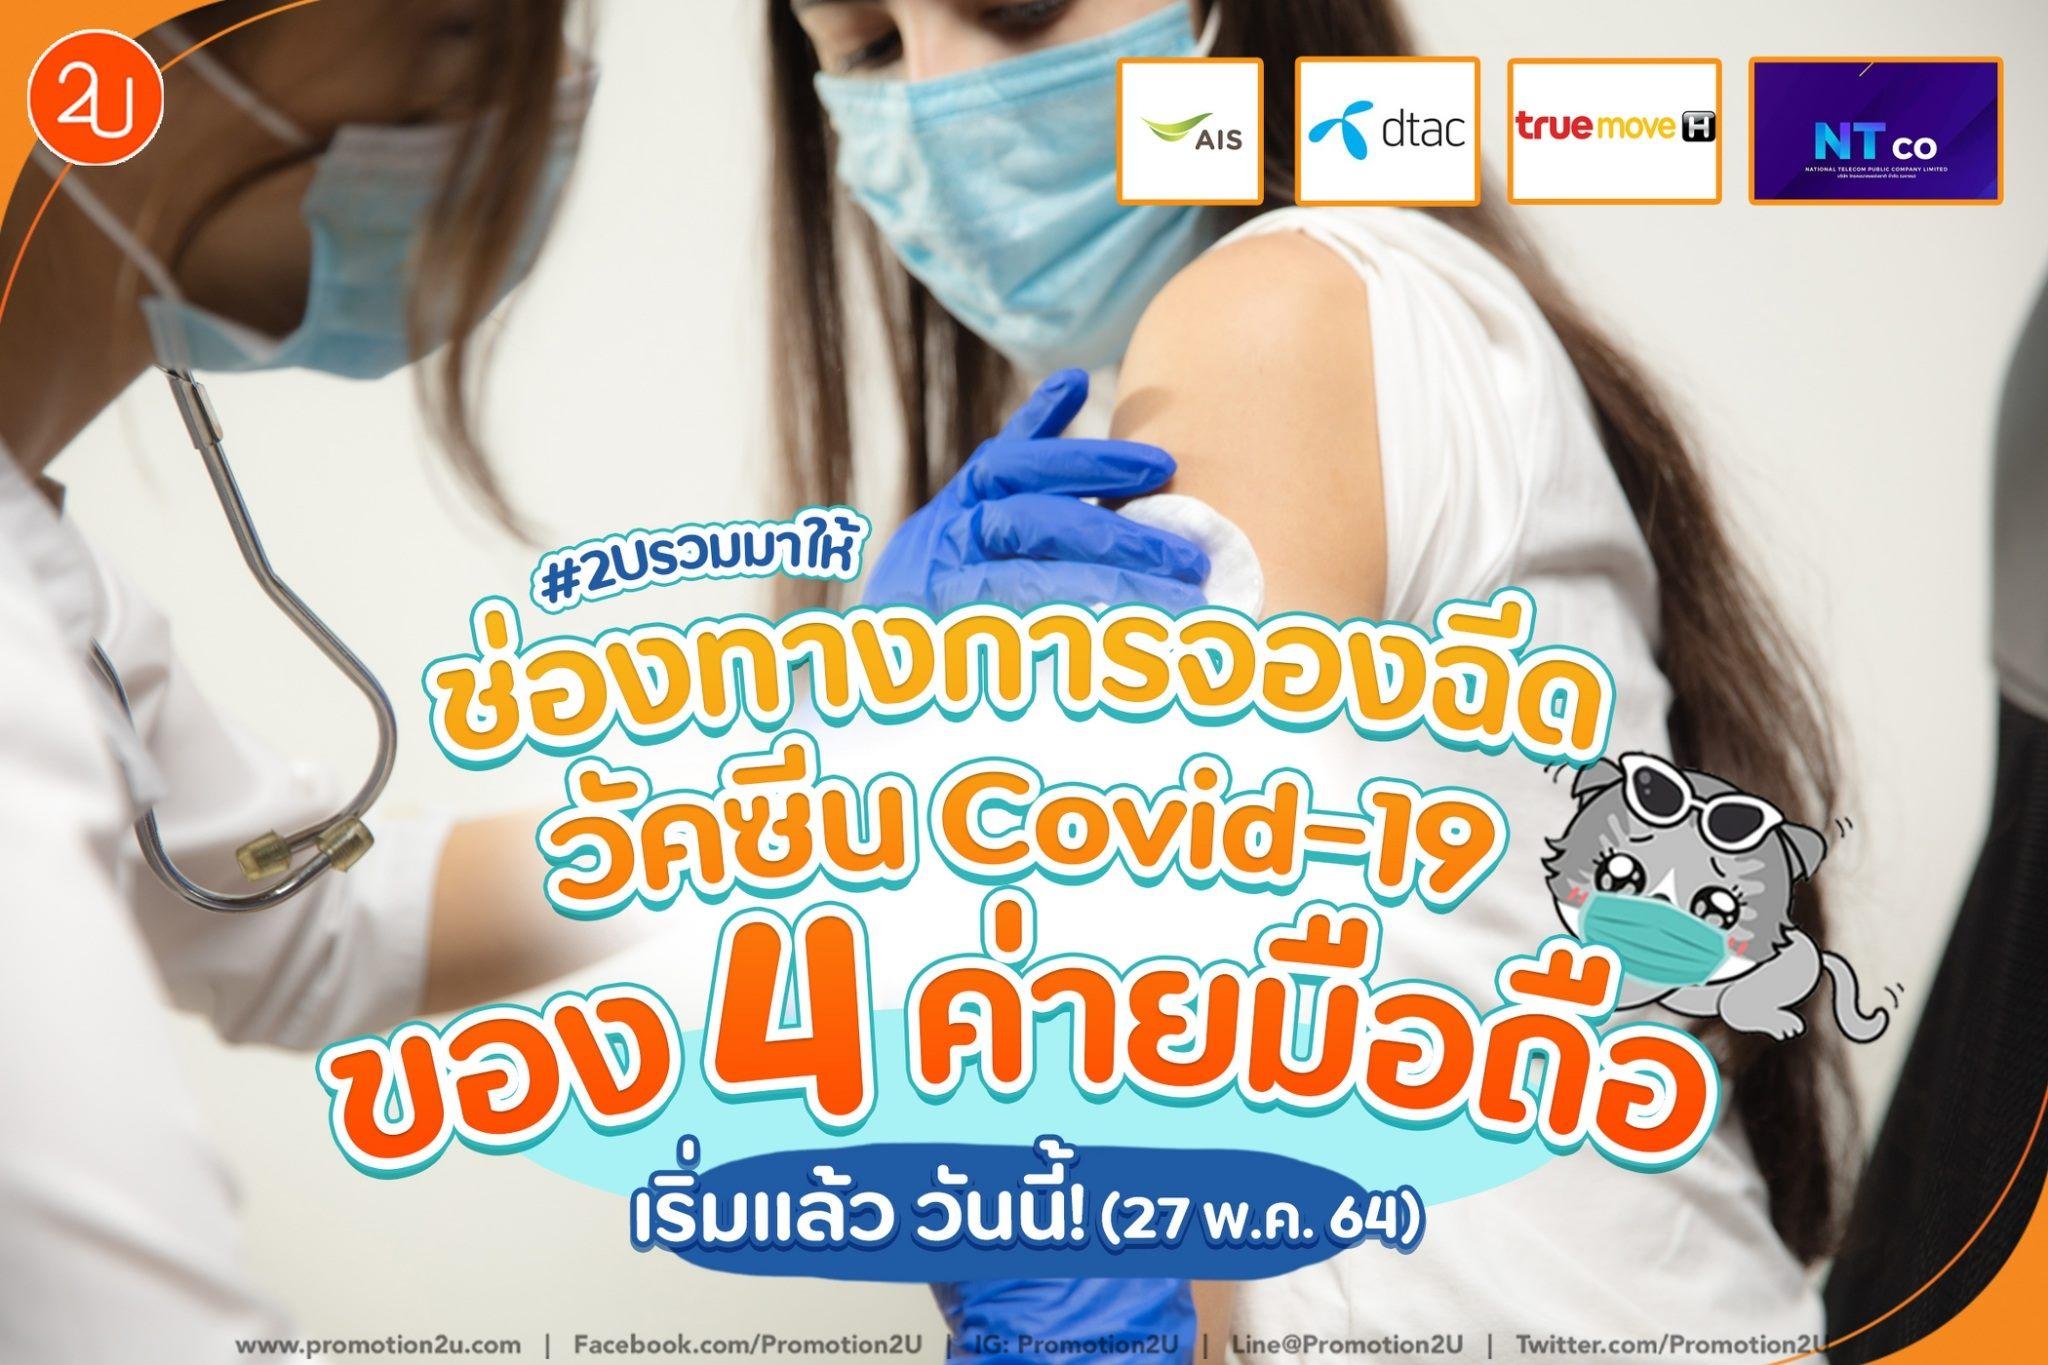 เปิดช่องทาง ลงทะเบียนจองฉีดวัคซีนโควิด-19 ผ่าน 4 ค่ายมือถือฟรี!